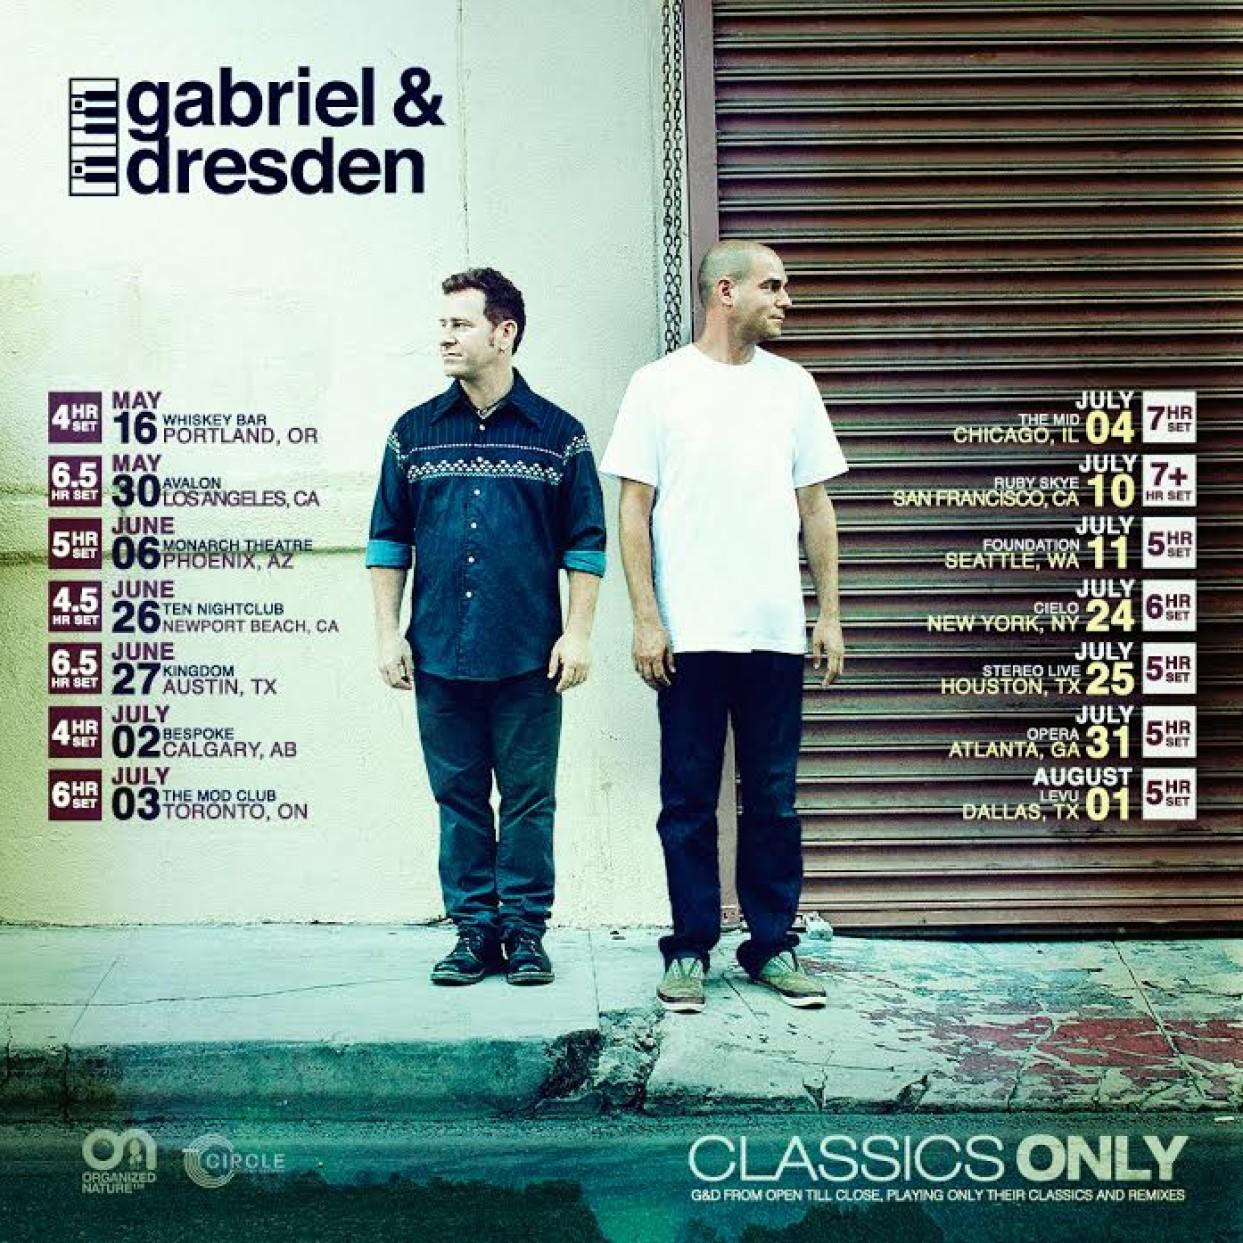 """Gabriel & Dresden """"Classics Only Tour"""""""